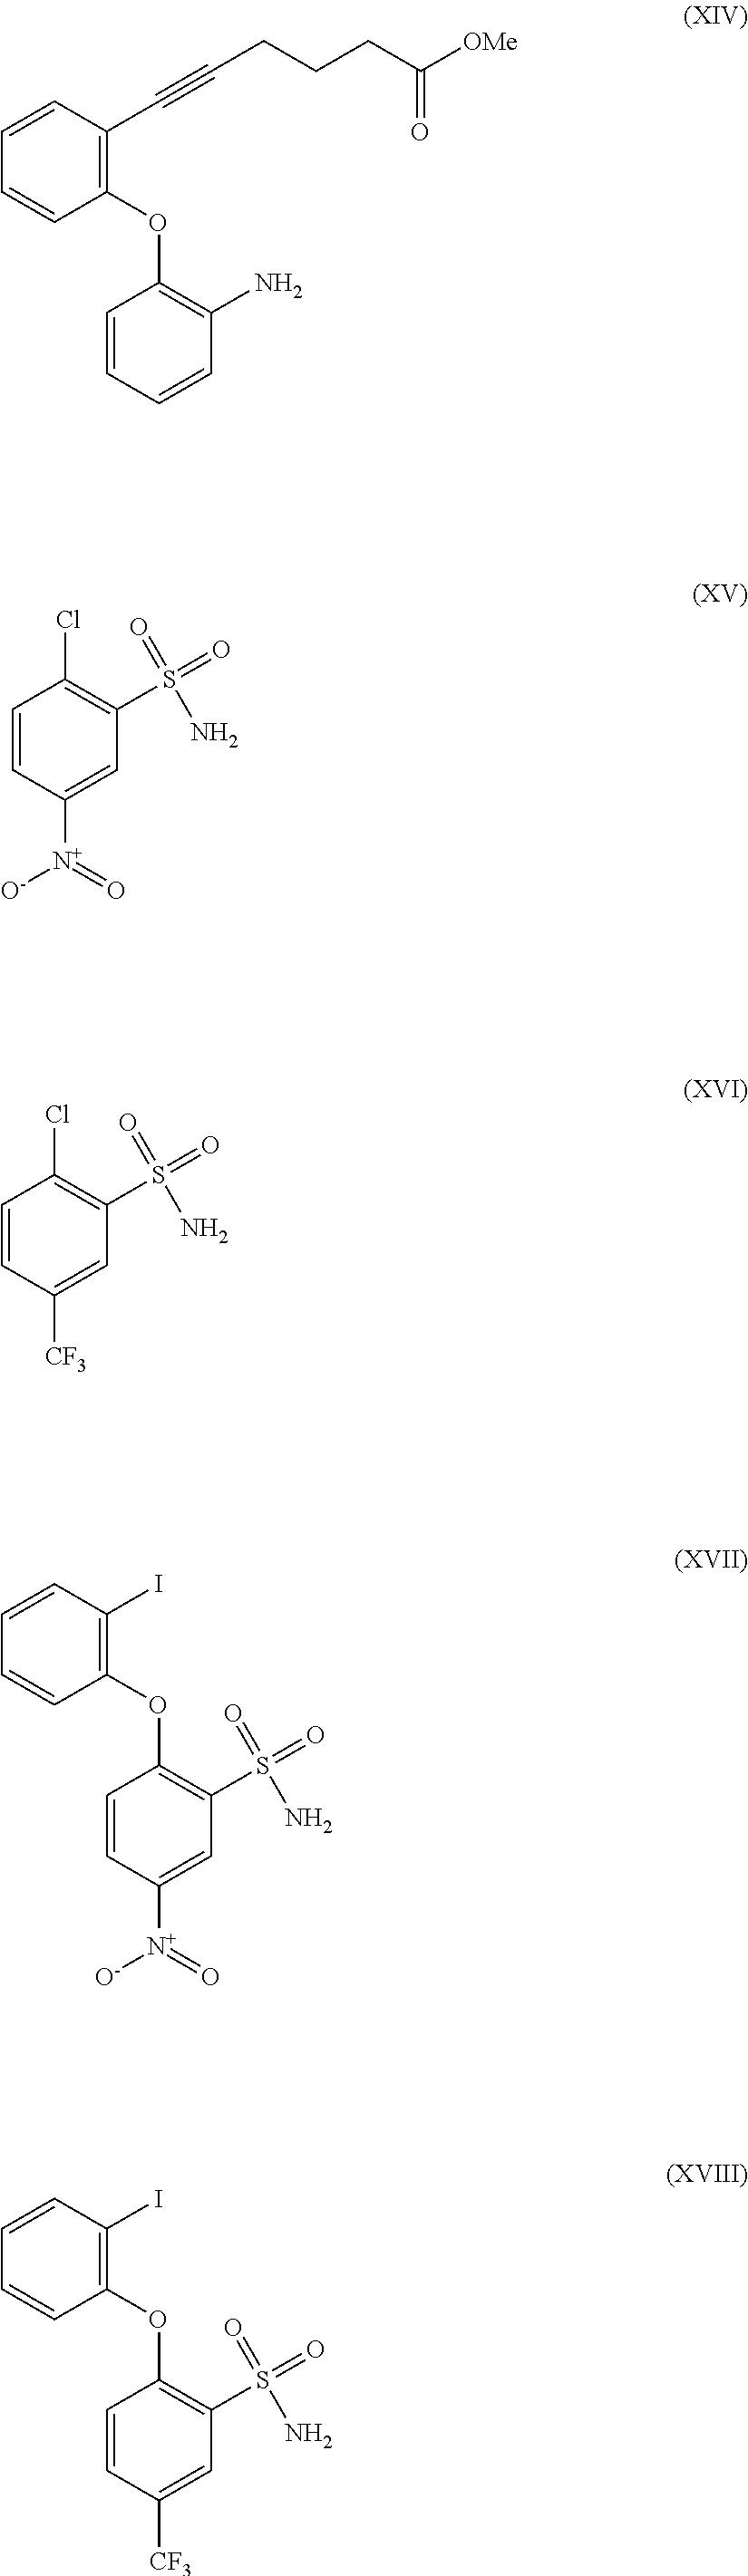 Figure US09718781-20170801-C00015